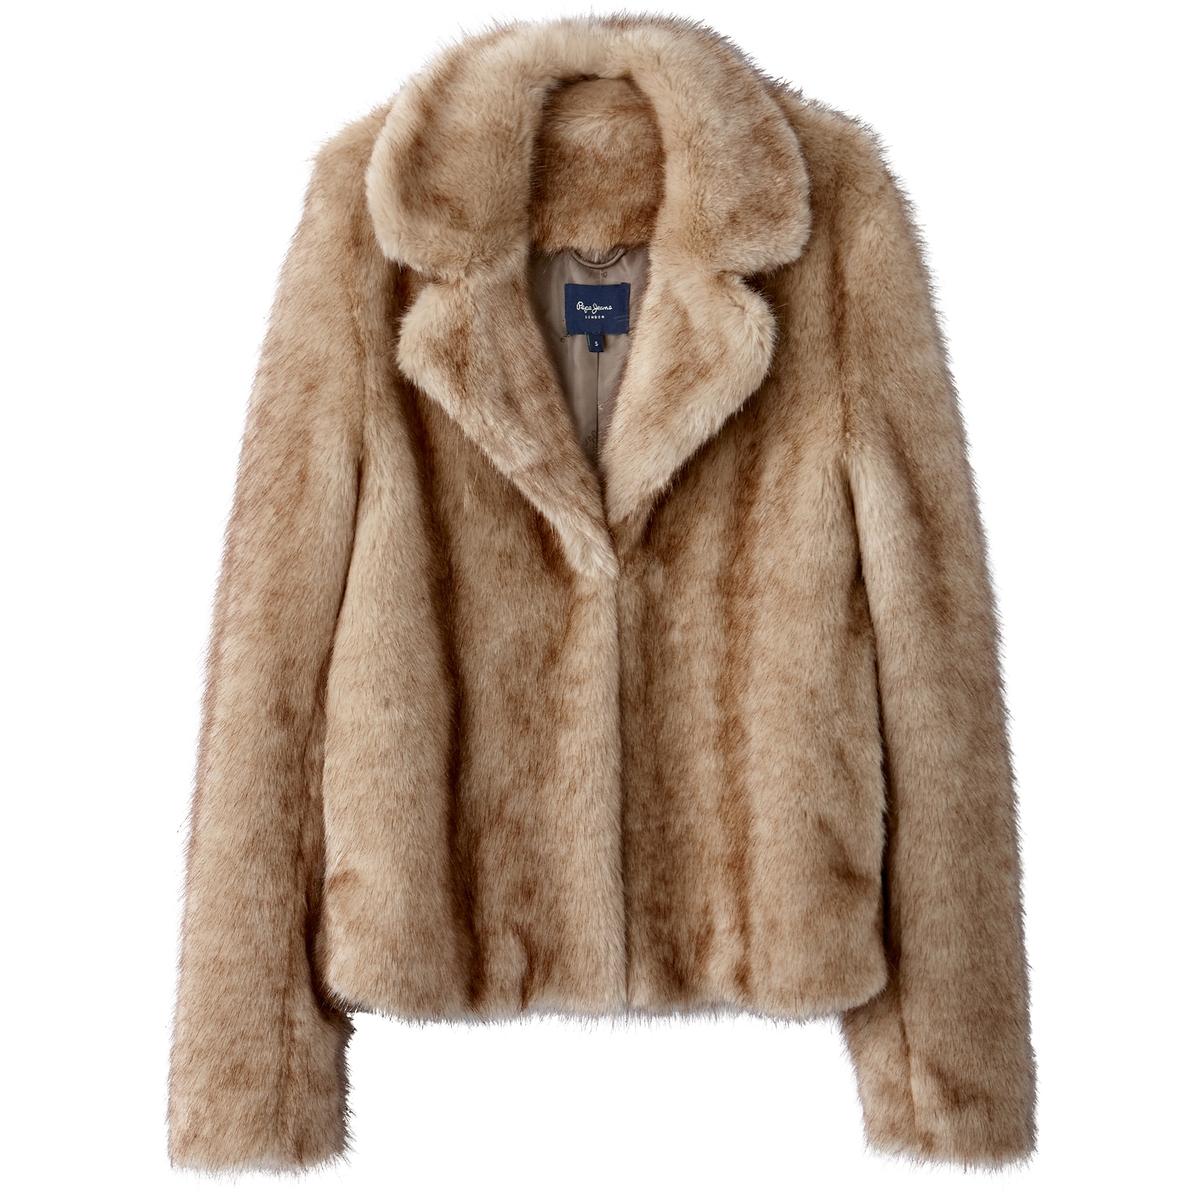 Пальто из искусственного мехаОписание:Этой зимой полупальто Cosima от PEPE JEANS с искусственным мехом  на пике моды . Теплое и мягкое, в нем будет приятно в любом месте .Детали •  Длина : средняя •  Воротник-поло, рубашечный • Застежка на пуговицыСостав и уход •  100% акрил •  Следуйте советам по уходу, указанным на этикетке<br><br>Цвет: бежевый<br>Размер: L